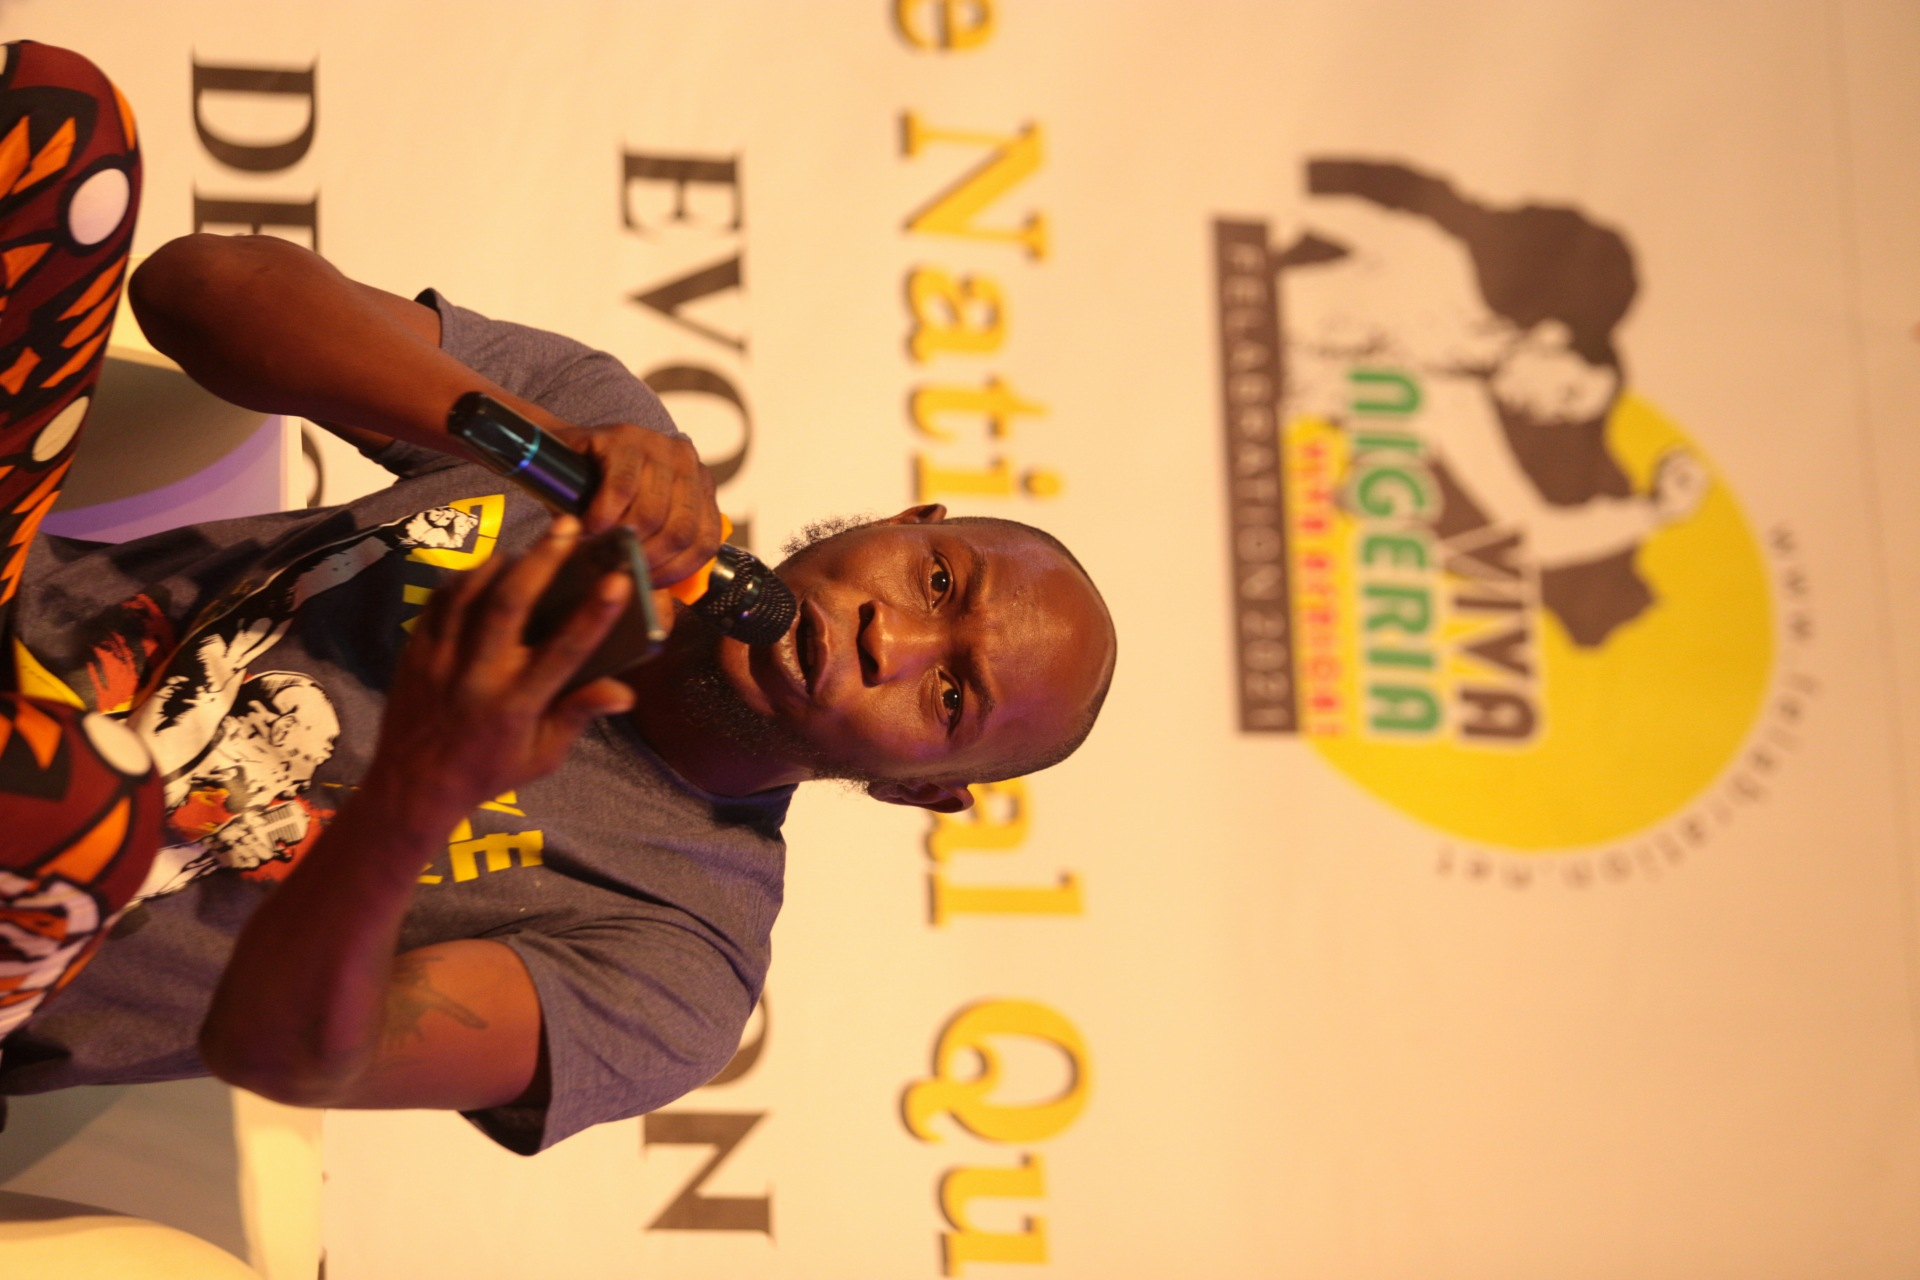 Seun Anikulapo Kuti responding to questions from the audience.